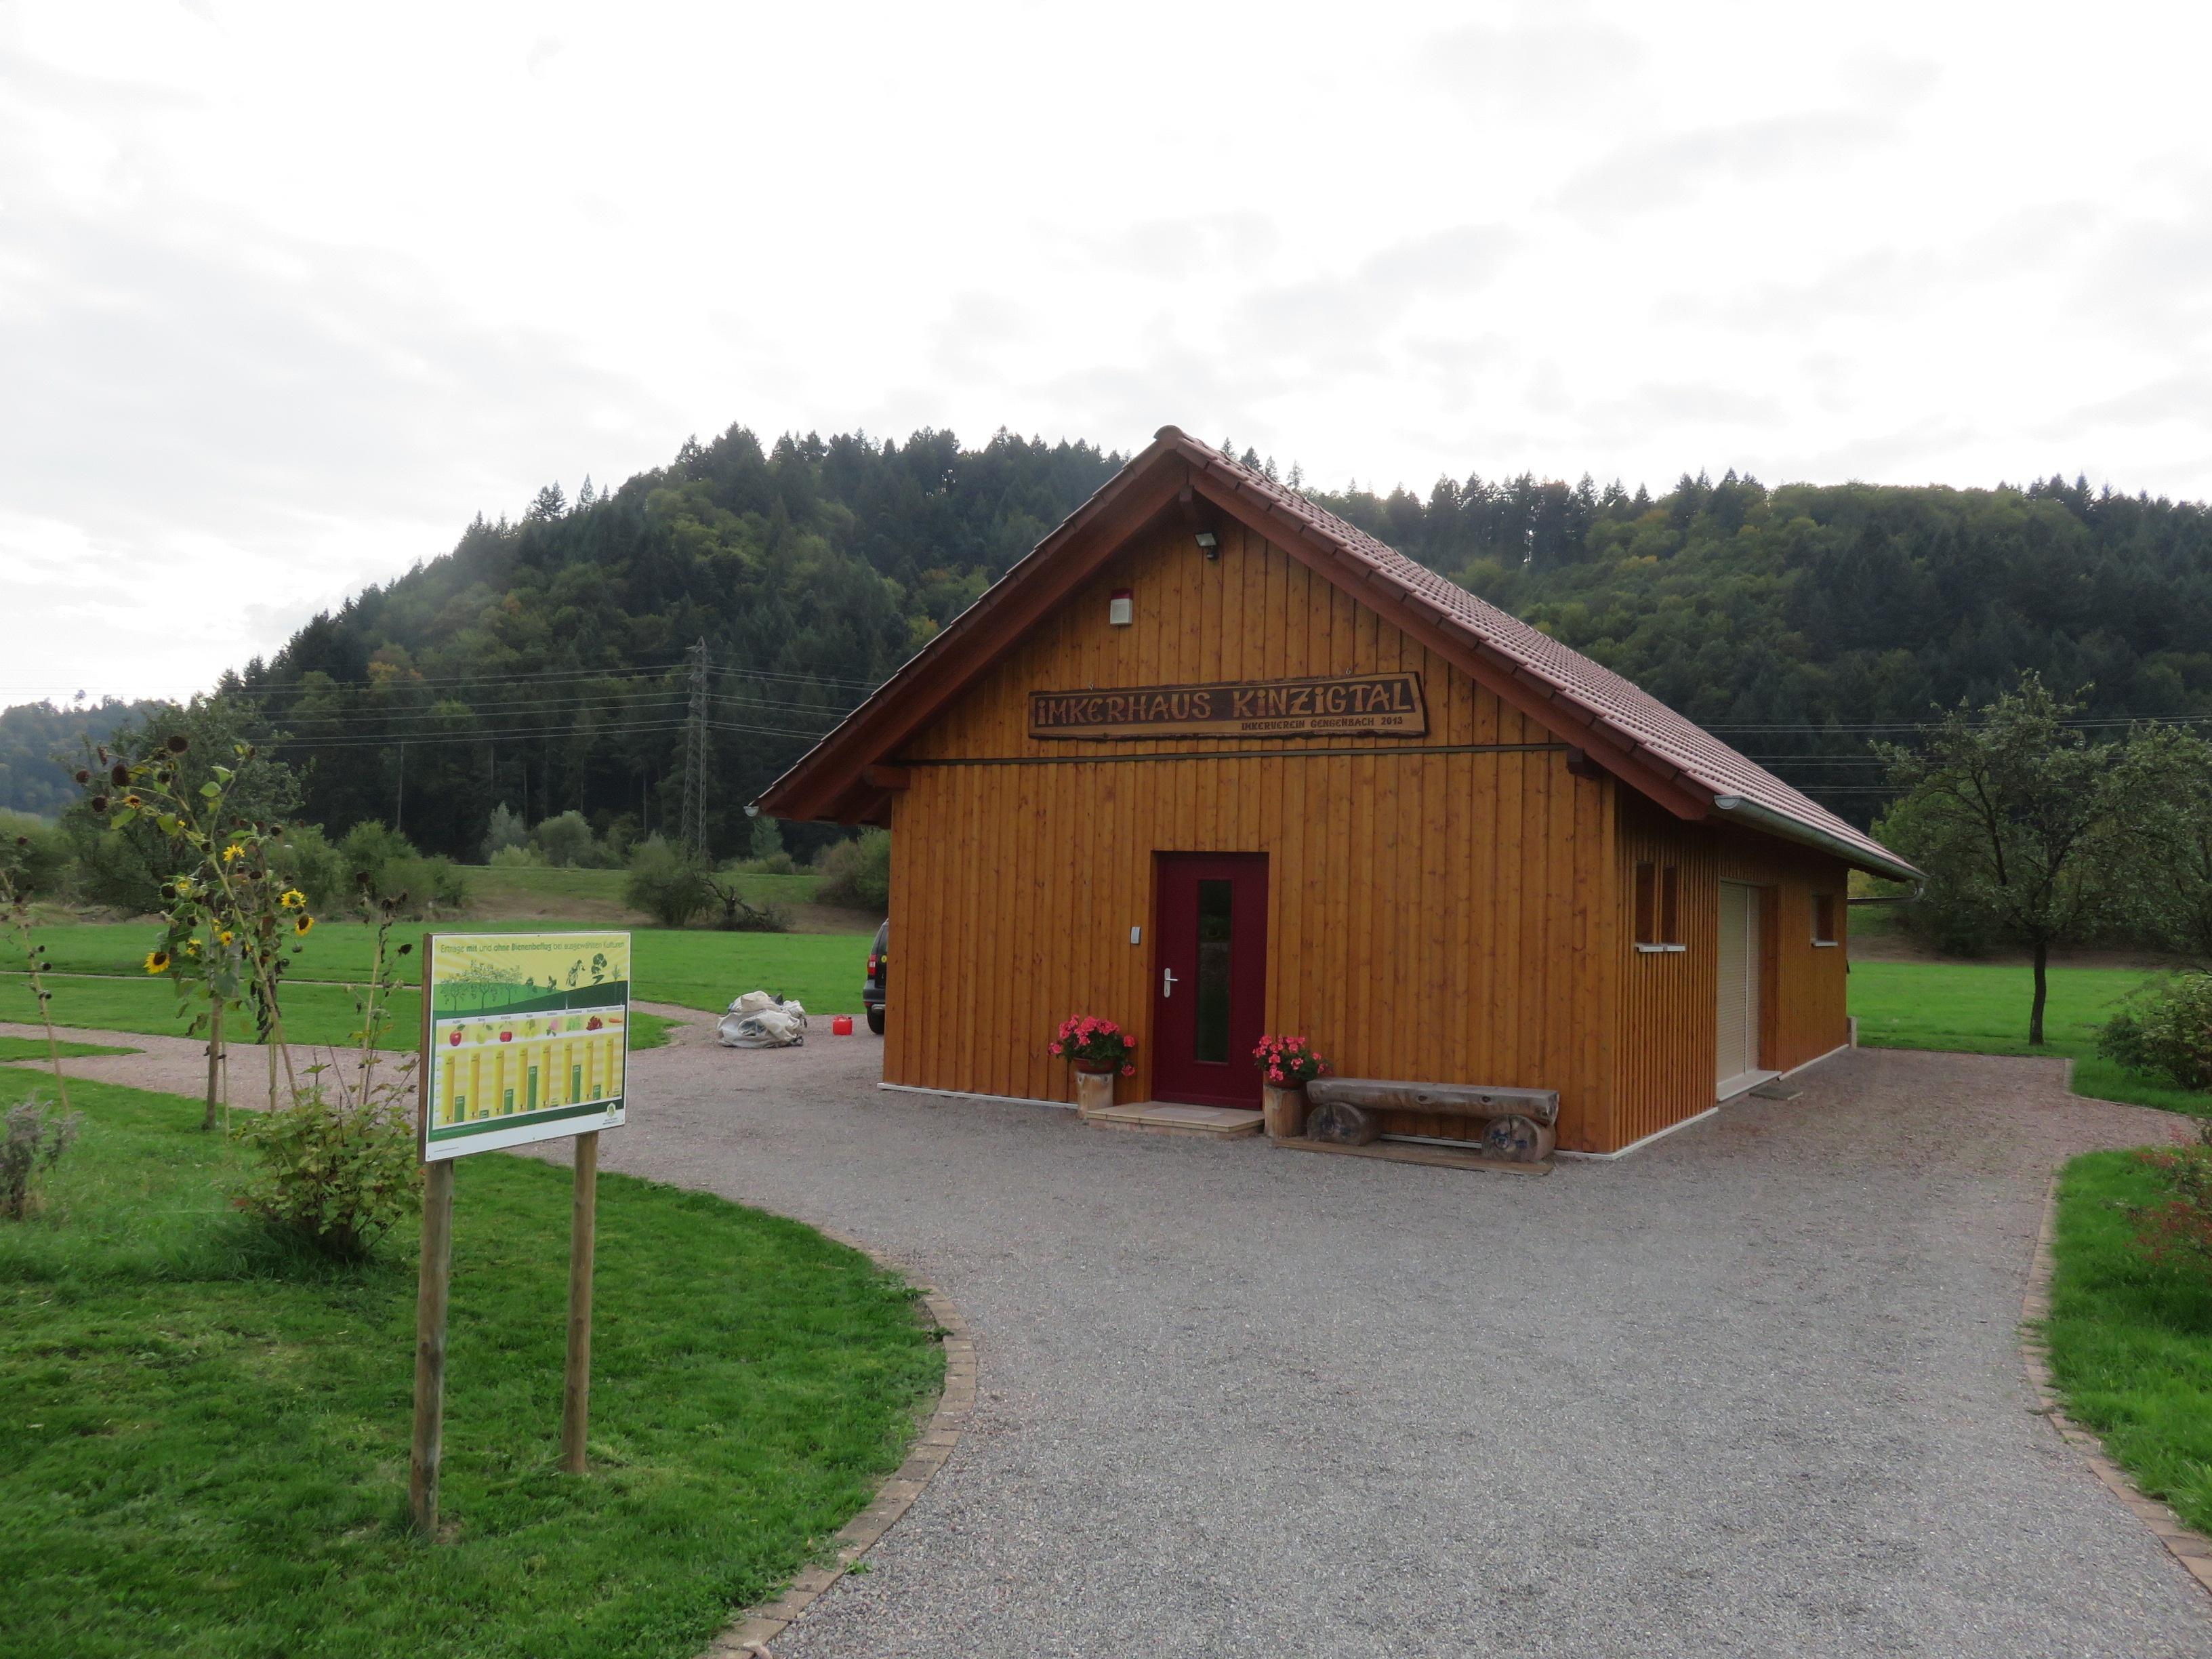 Imkerhaus